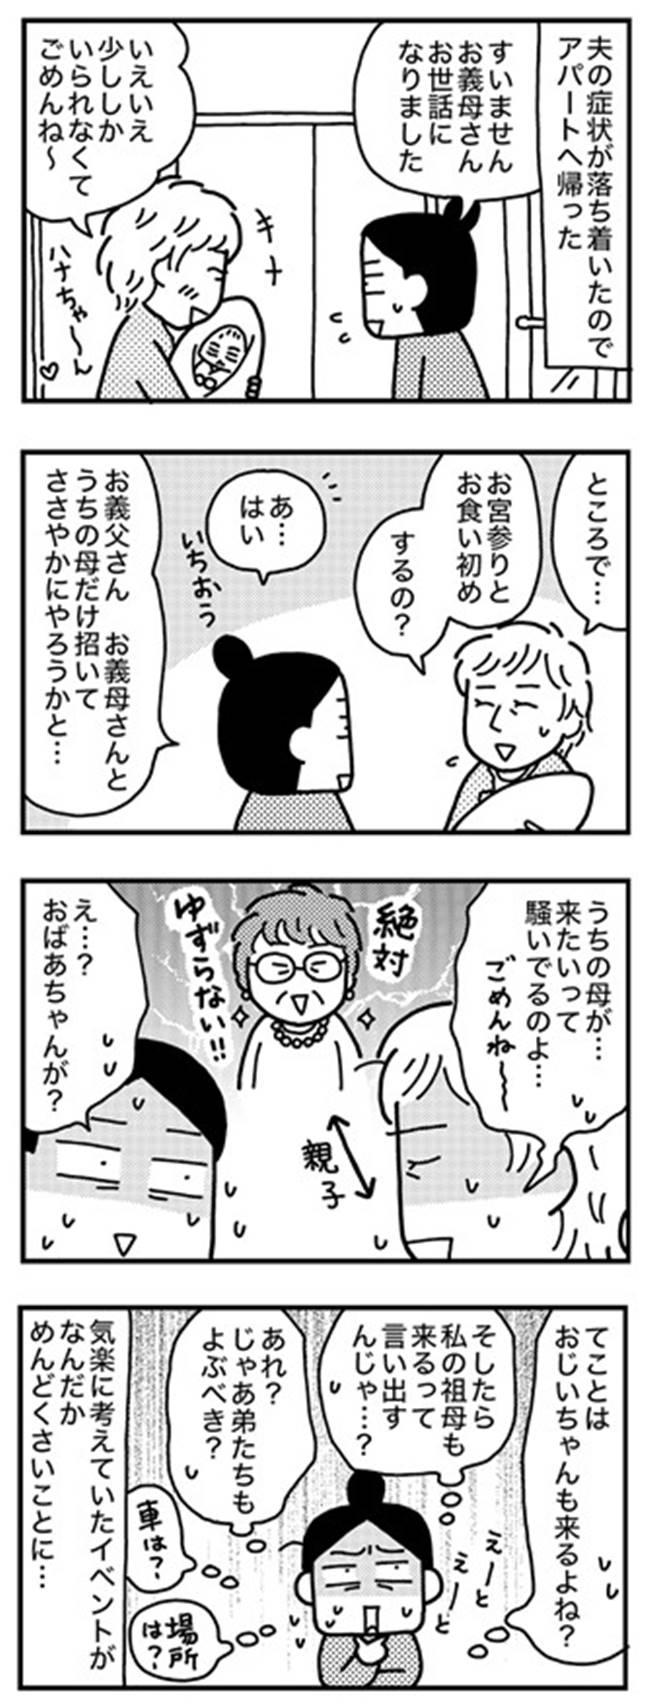 和田さん106話